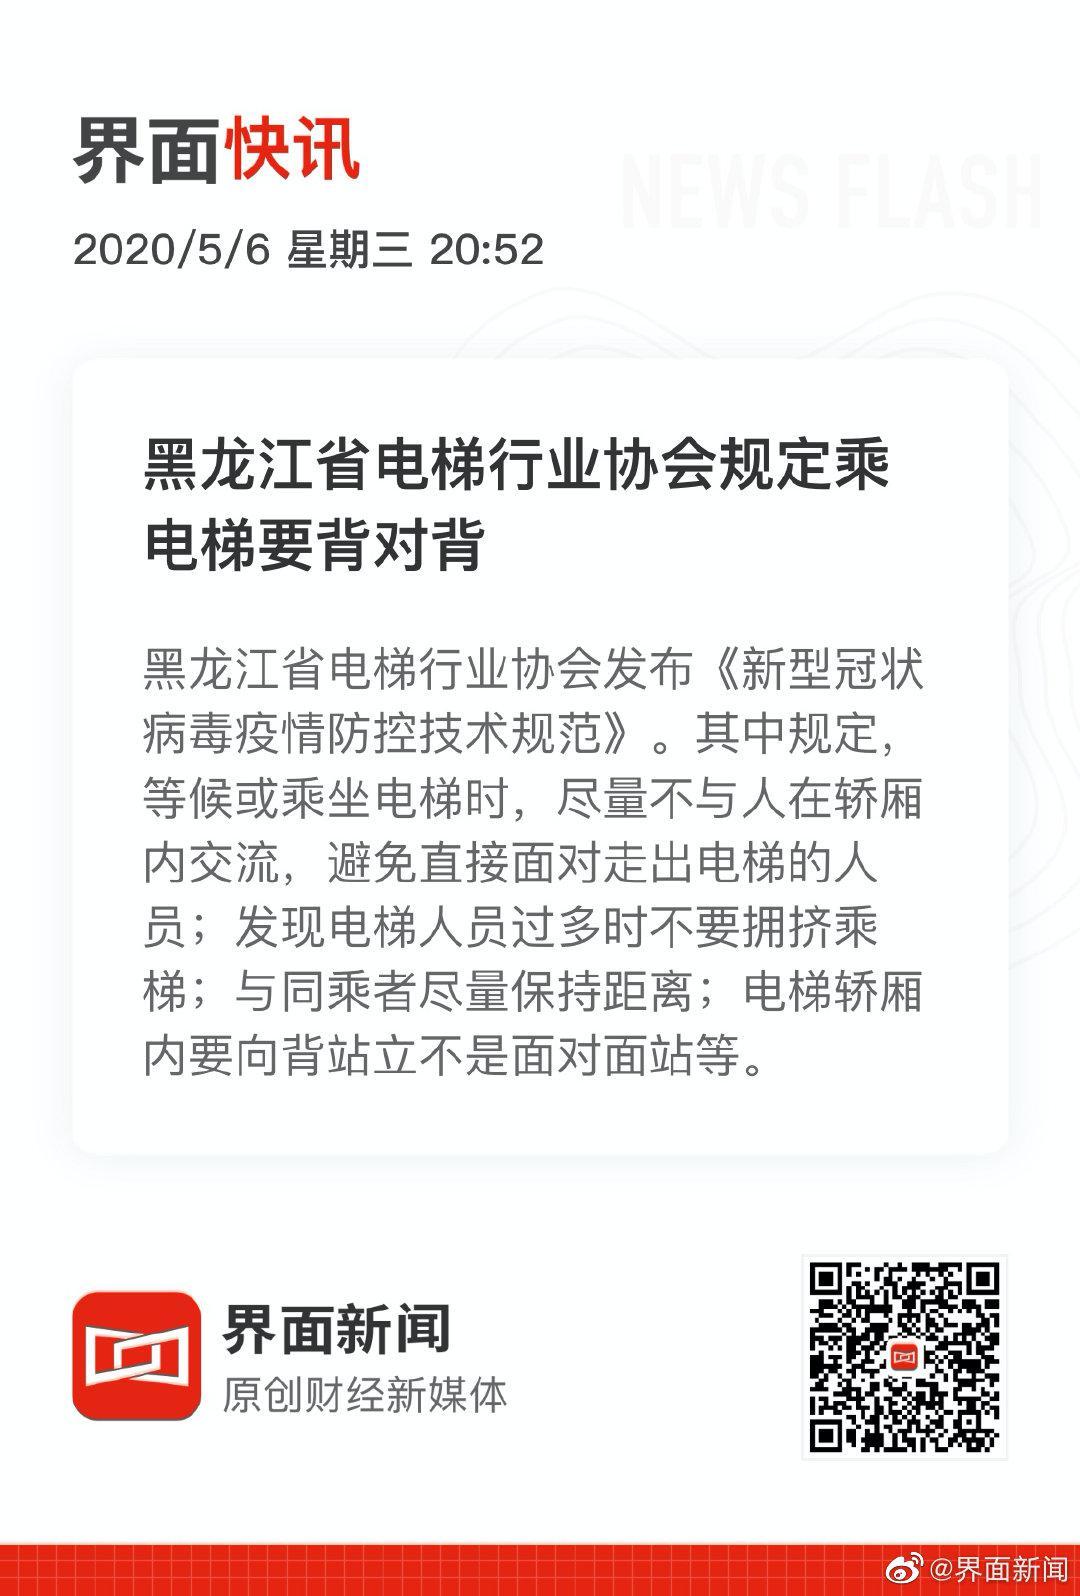 「蓝冠官网」会规定乘电梯要蓝冠官网背对图片